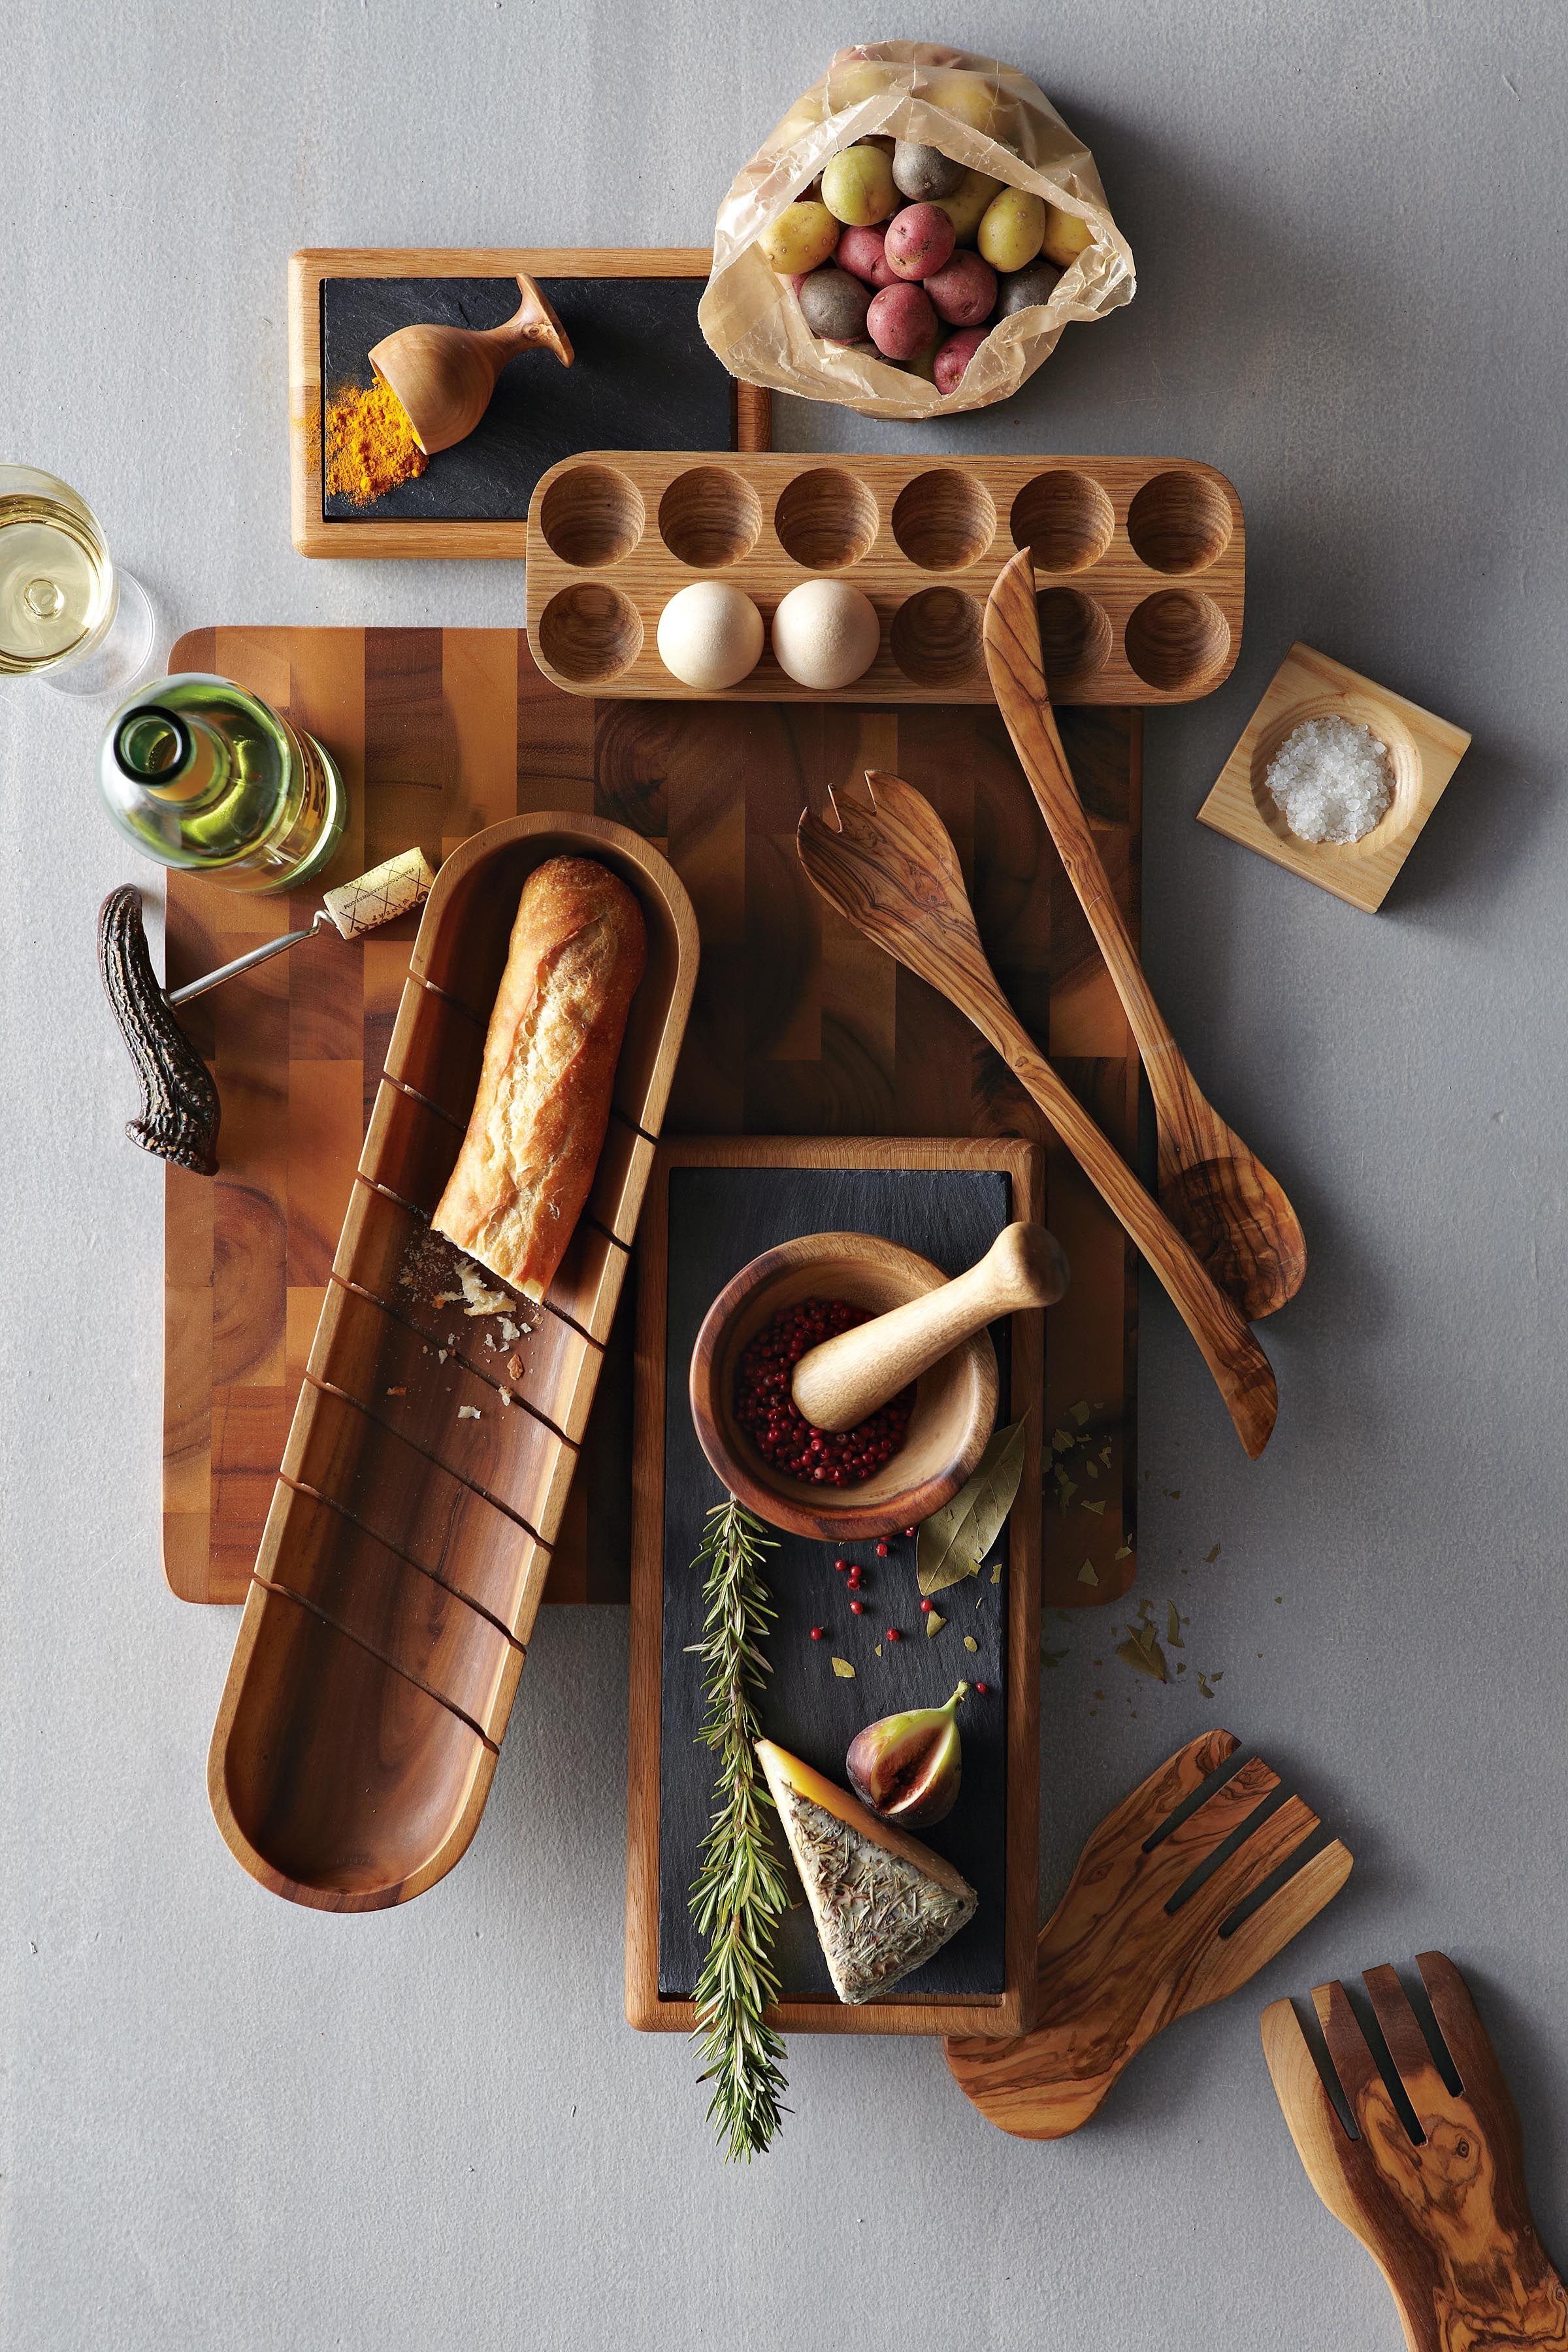 Wooden Kitchen Accessories Wooden Kitchen Utensils Wooden Kitchen West Elm